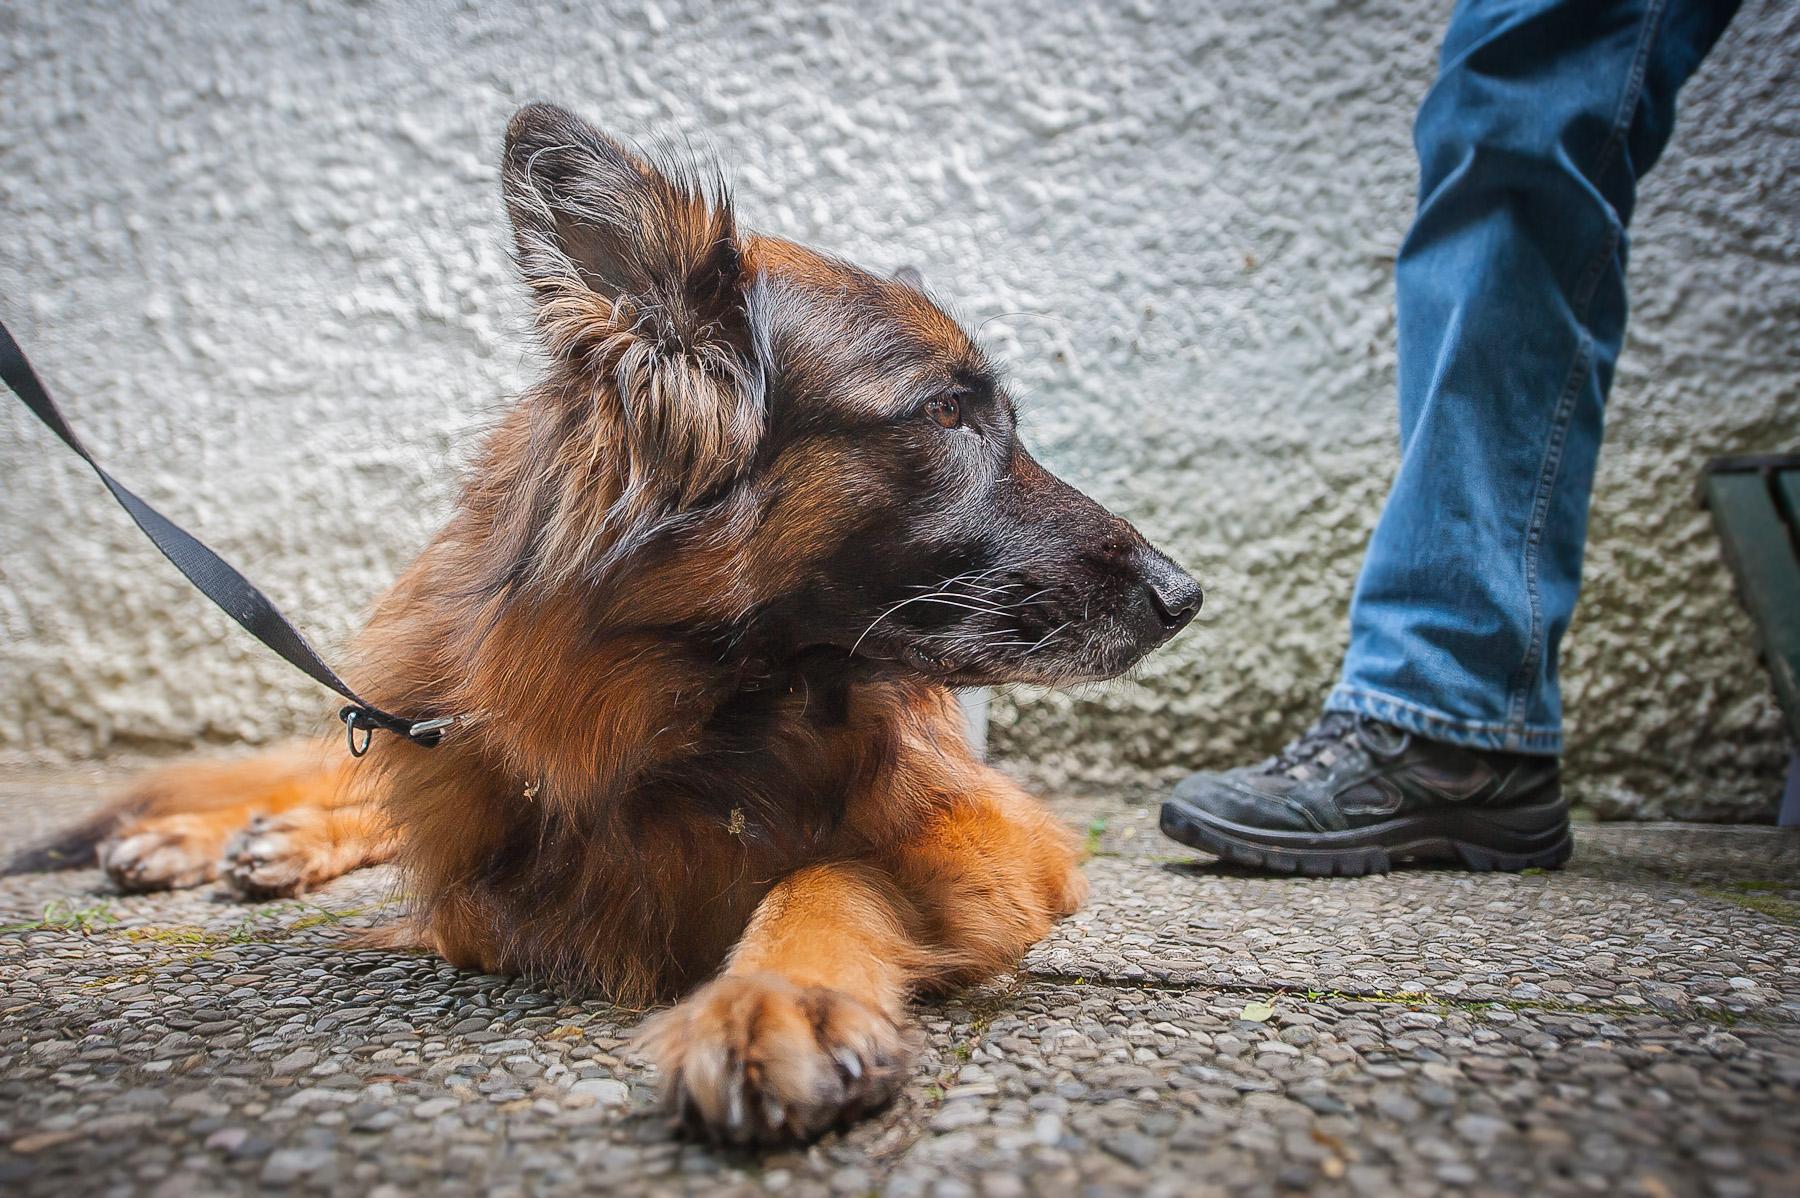 Die Tierarztpraxis Grath bietet auch eine Hundeschule an, bei der Sie an offenen Hundekursen in der Stadt teilnehmen können